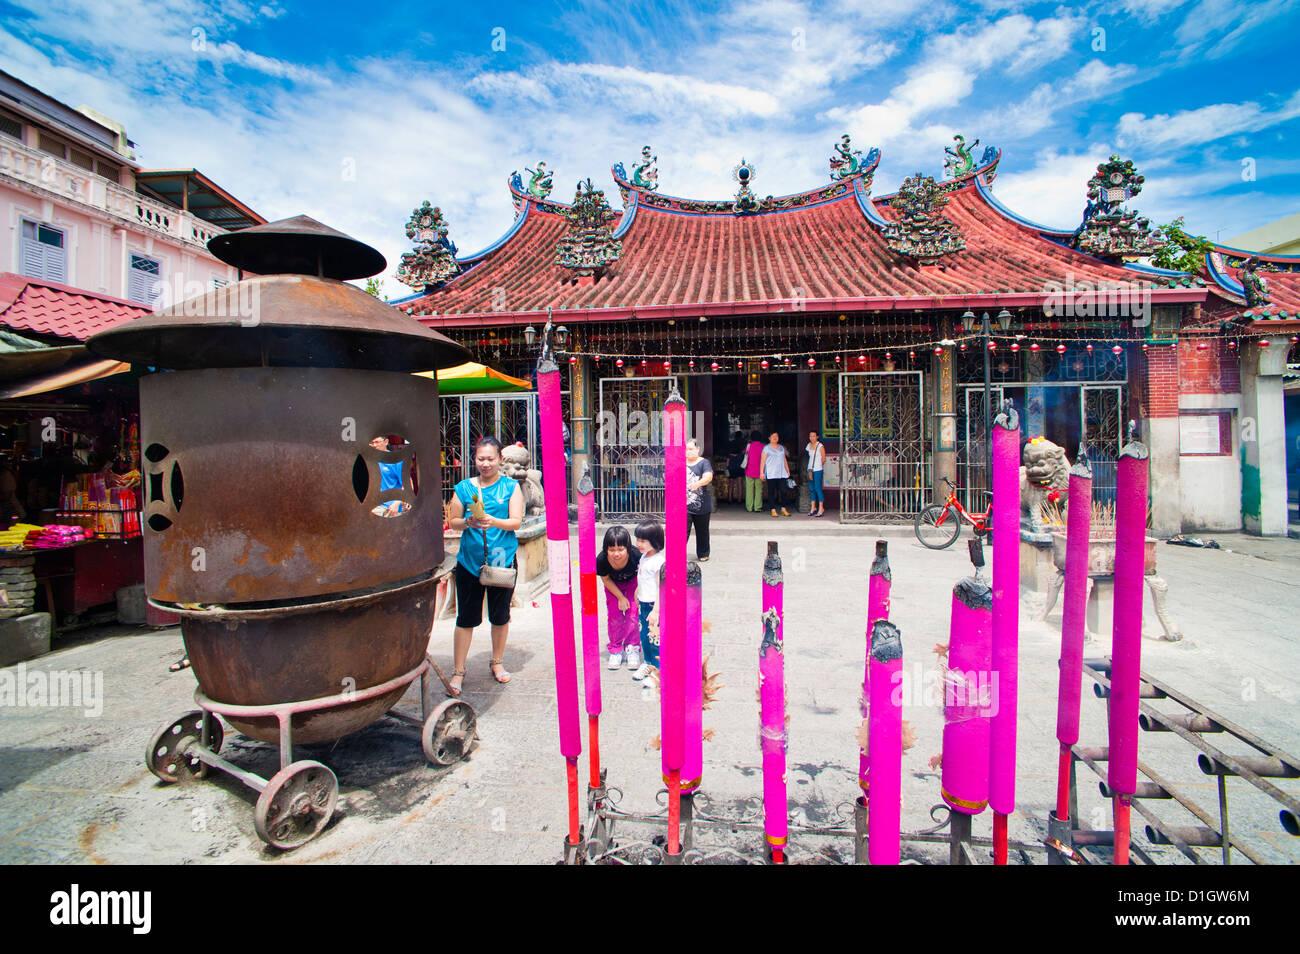 Les gens priant derrière de grands malaisien d'encens dans un temple bouddhiste à George Town, Penang, Malaisie, Asie du Sud, Asie Banque D'Images